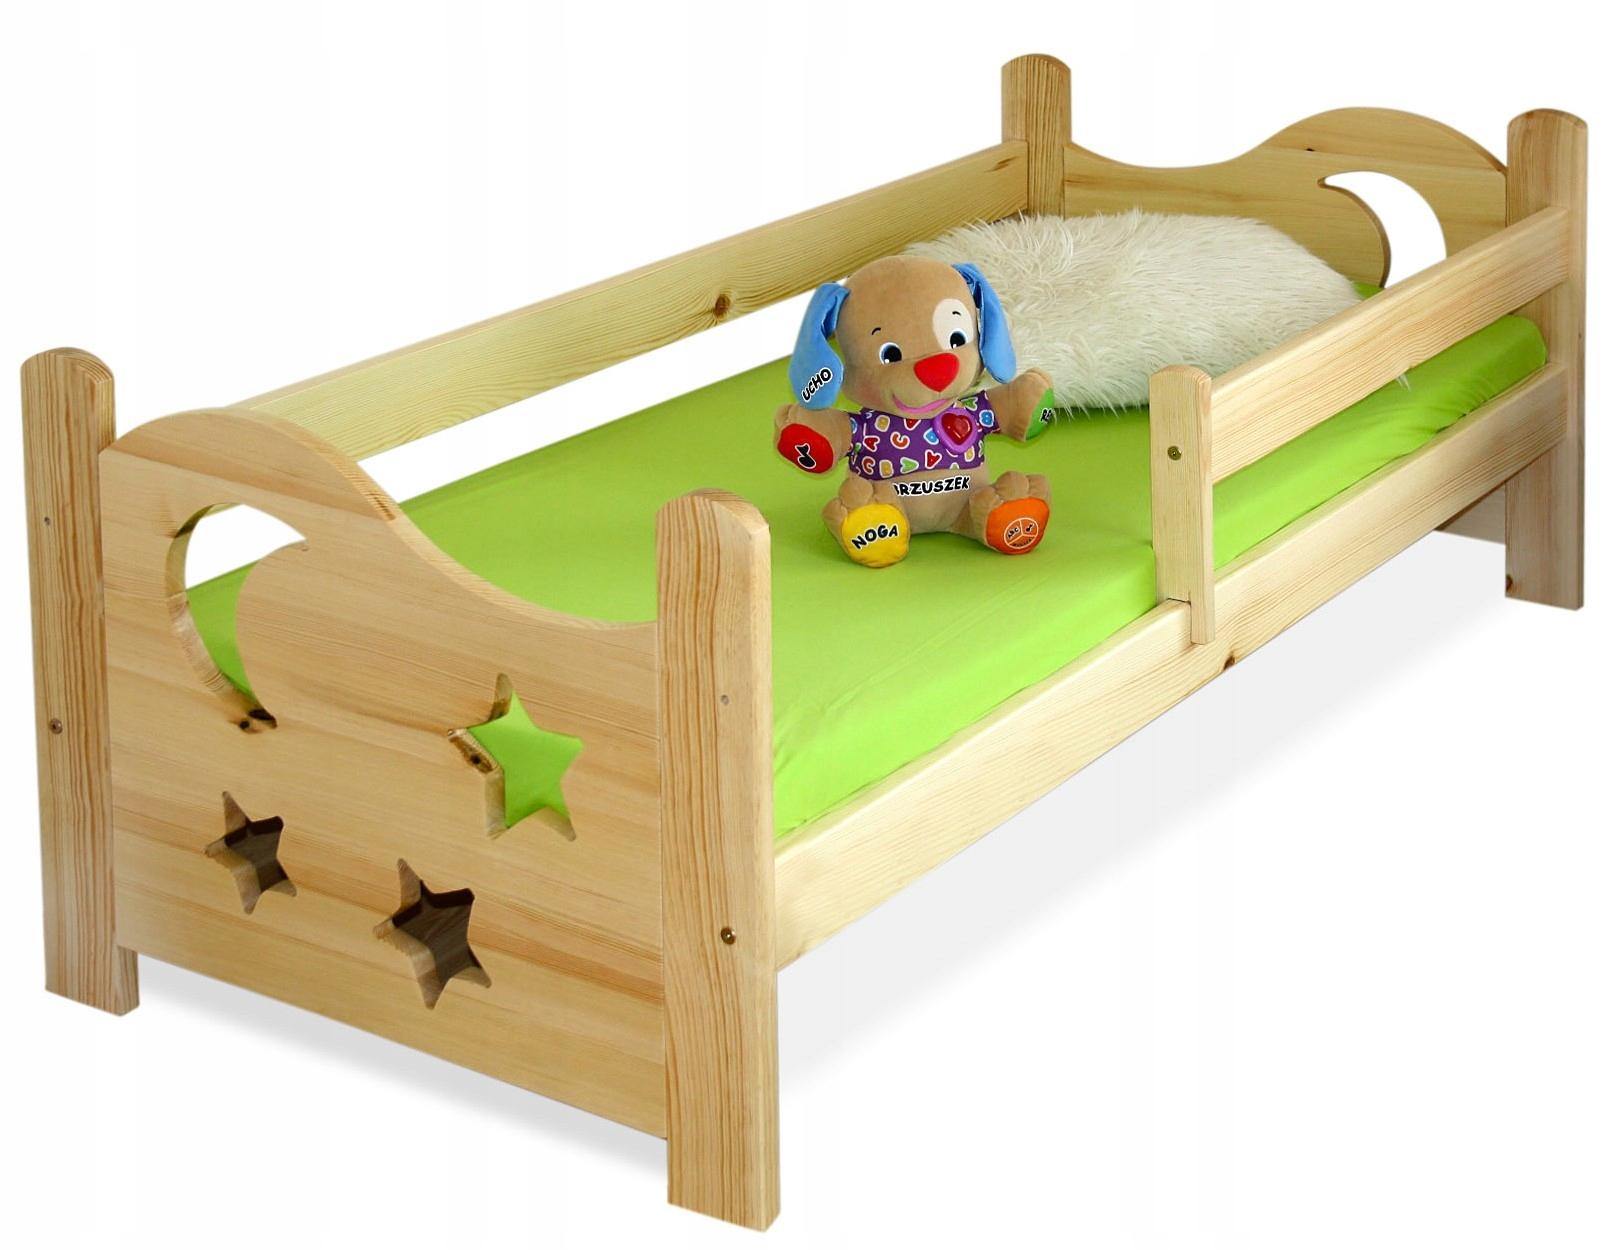 Deti, prístelky 80x160 EGOR matrac, zásuvky